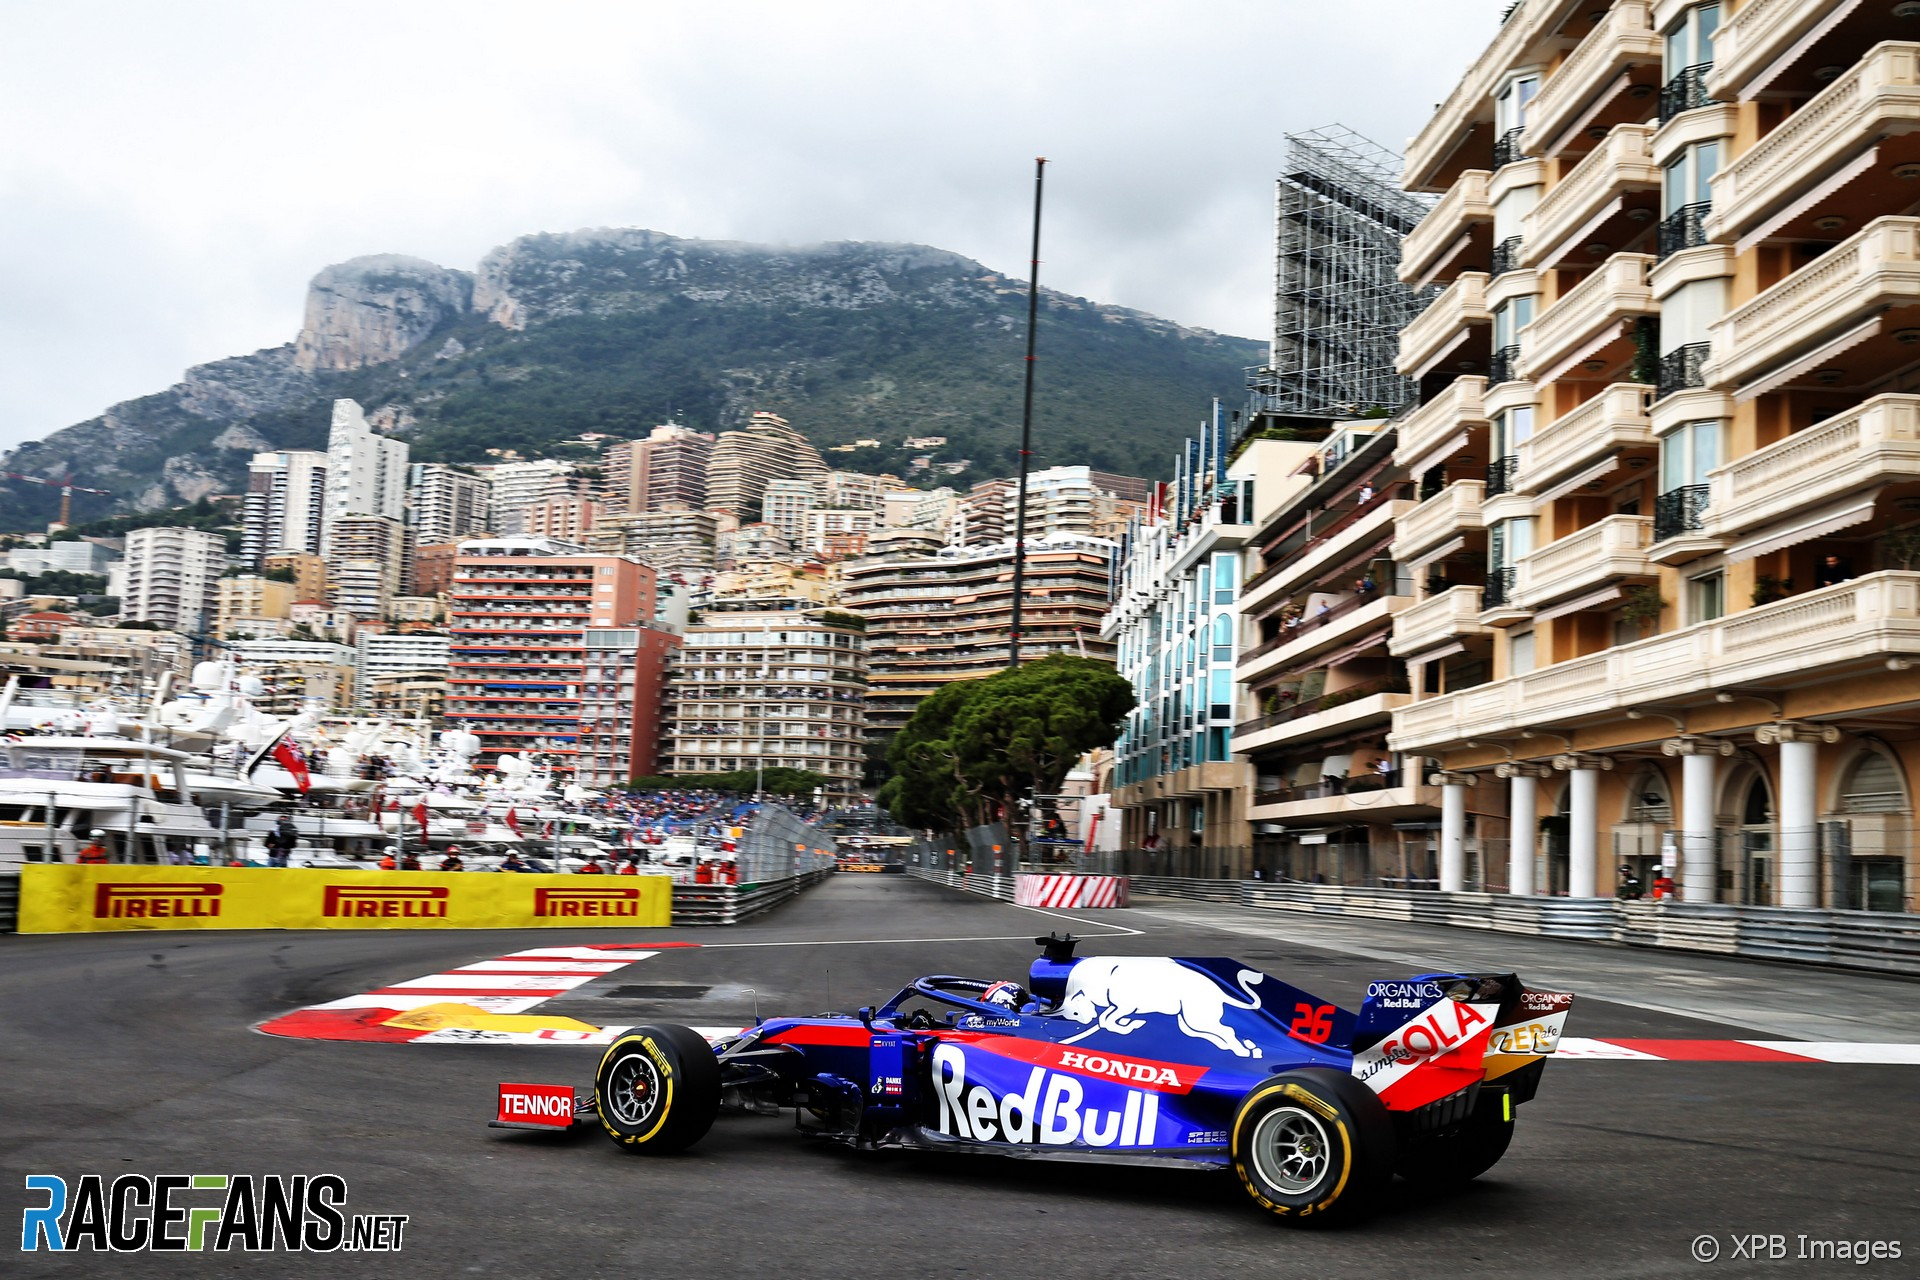 Daniil Kvyat, Toro Rosso, Monaco, 2019